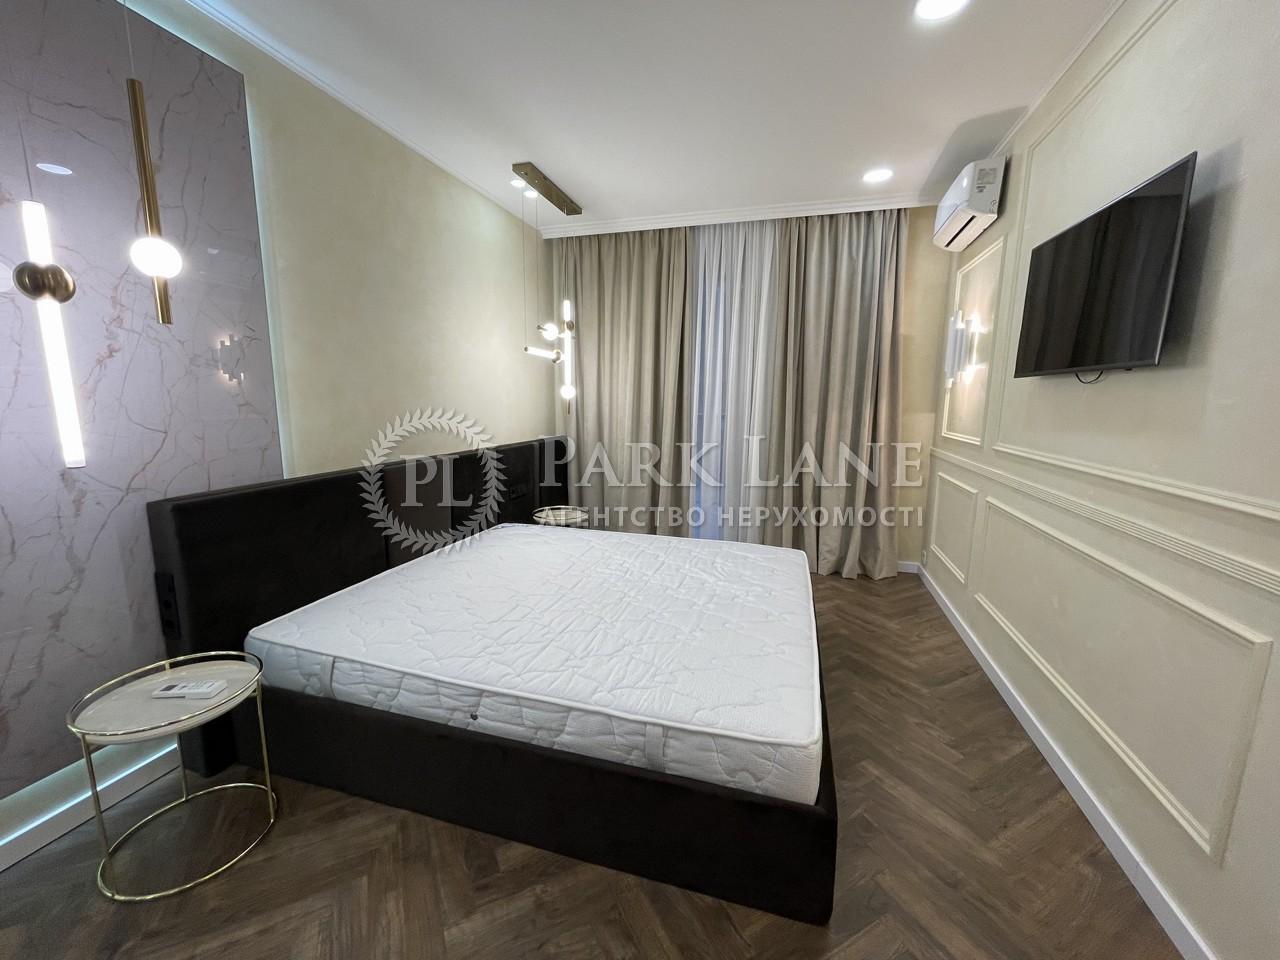 Квартира ул. Предславинская, 57, Киев, B-102800 - Фото 8